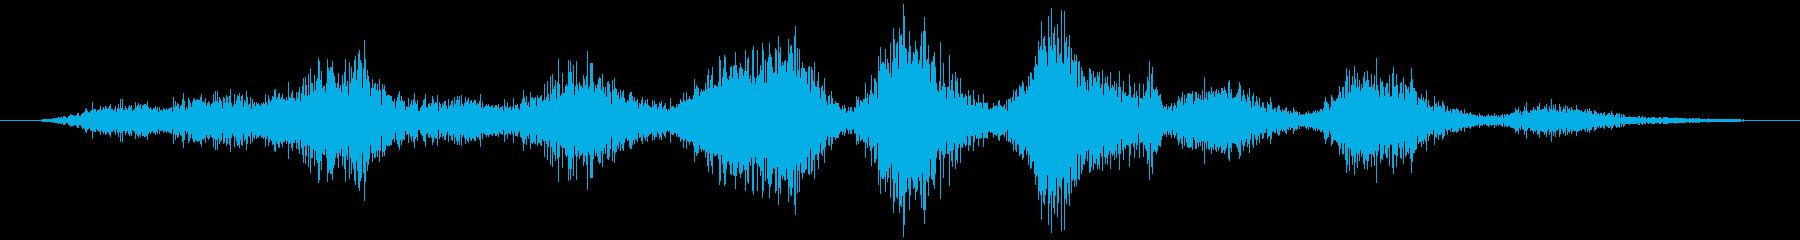 塩入れ:ショートシェイクフードの再生済みの波形